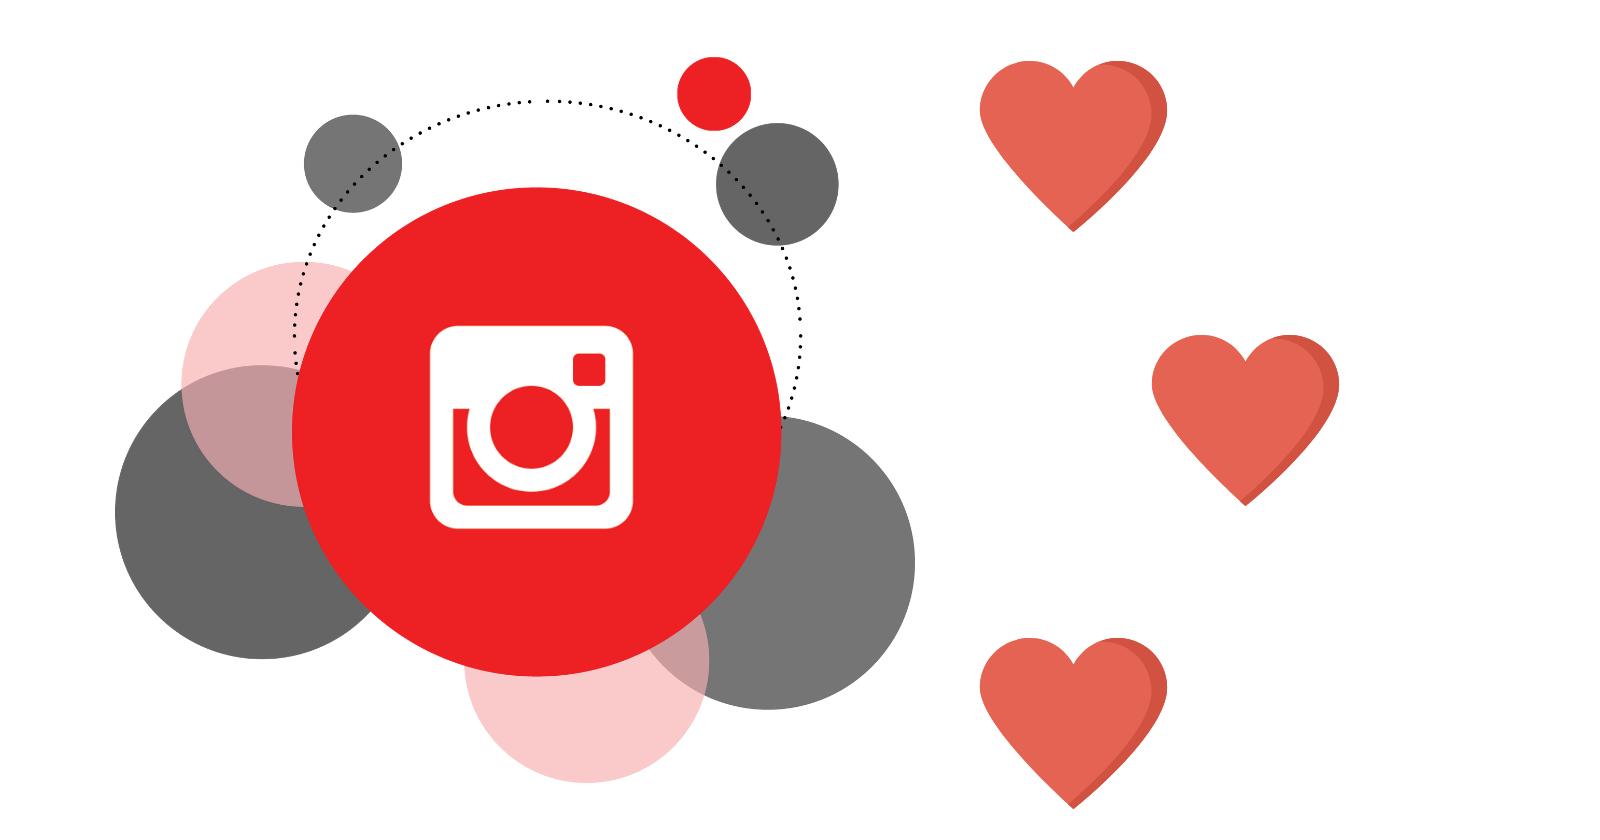 Les messages vidéo Instagram reçoivent deux fois l'engagement d'autres types de messages [STUDY]